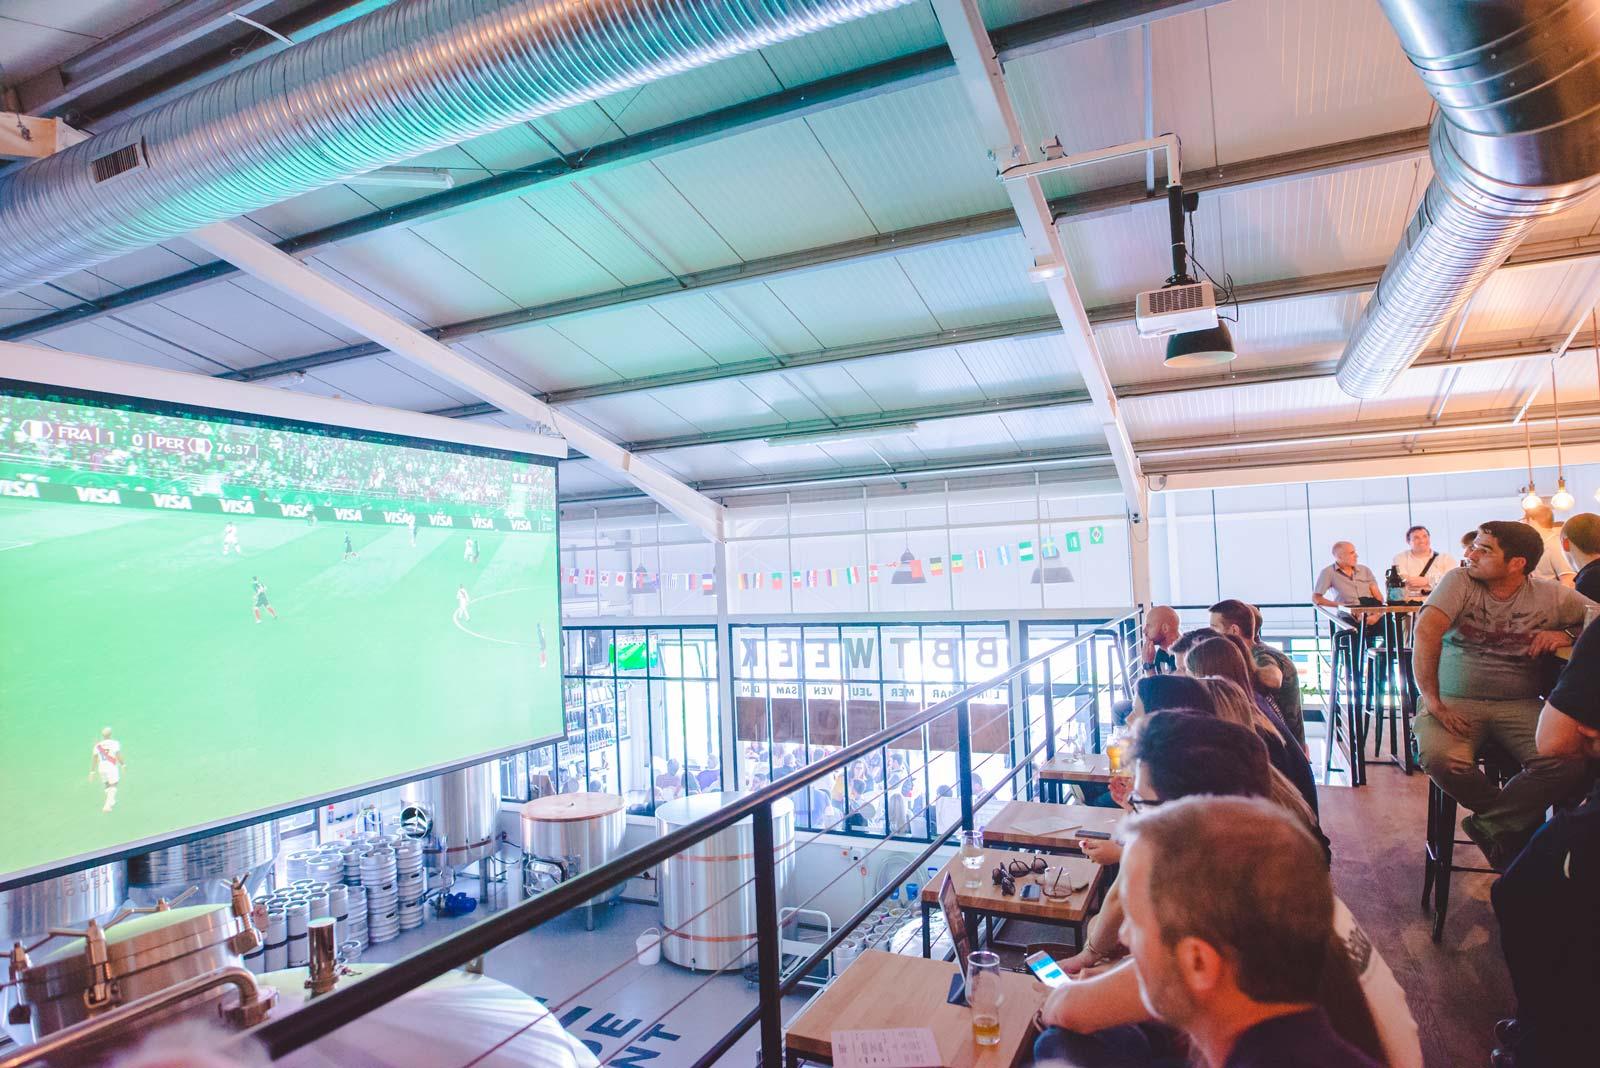 écran géant match de foot